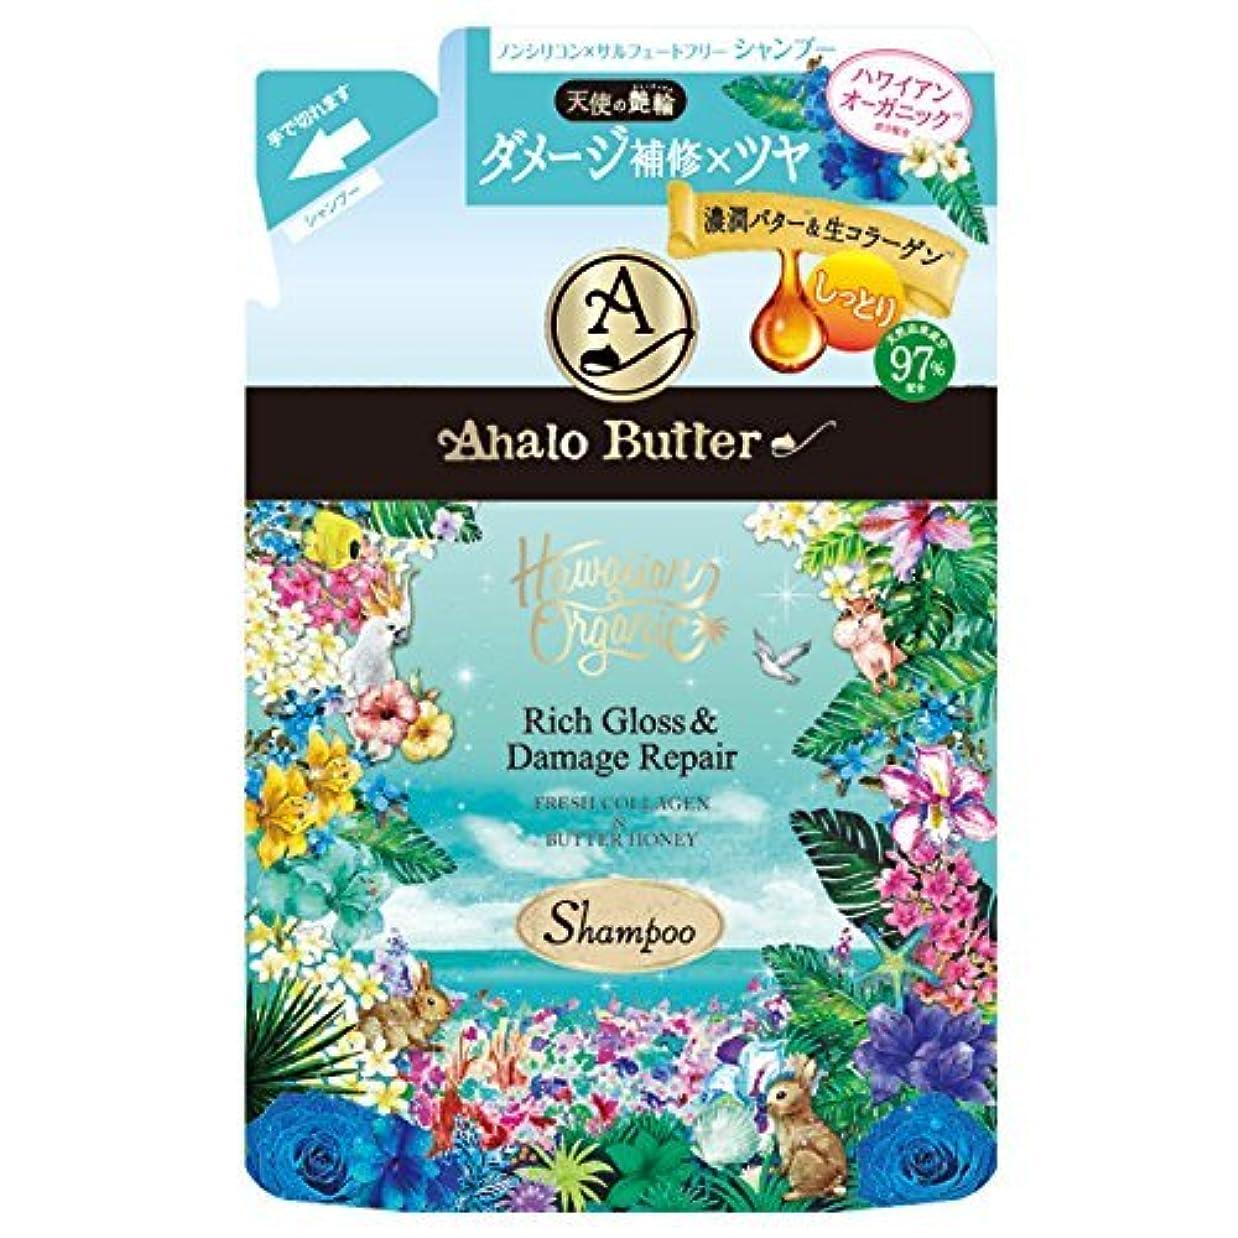 受信機許す暴行Ahalo butter(アハロバター) ハワイアンオーガニック リッチグロス&ダメージリペア モイストシャンプー / 詰め替え / 400ml